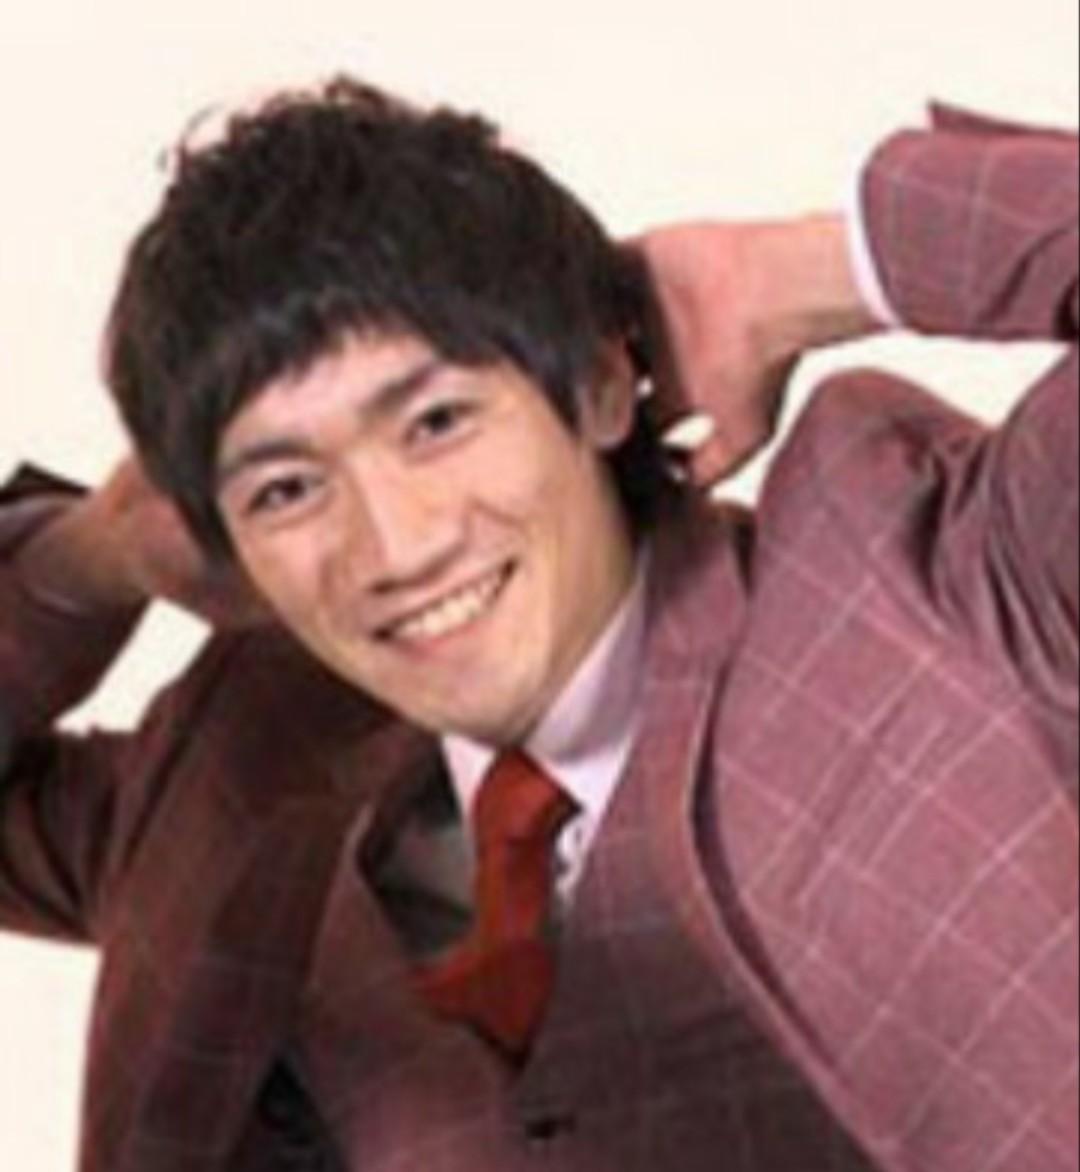 おはコマ 10月26日 「ドジお兄バスツアー最高!!のお話」